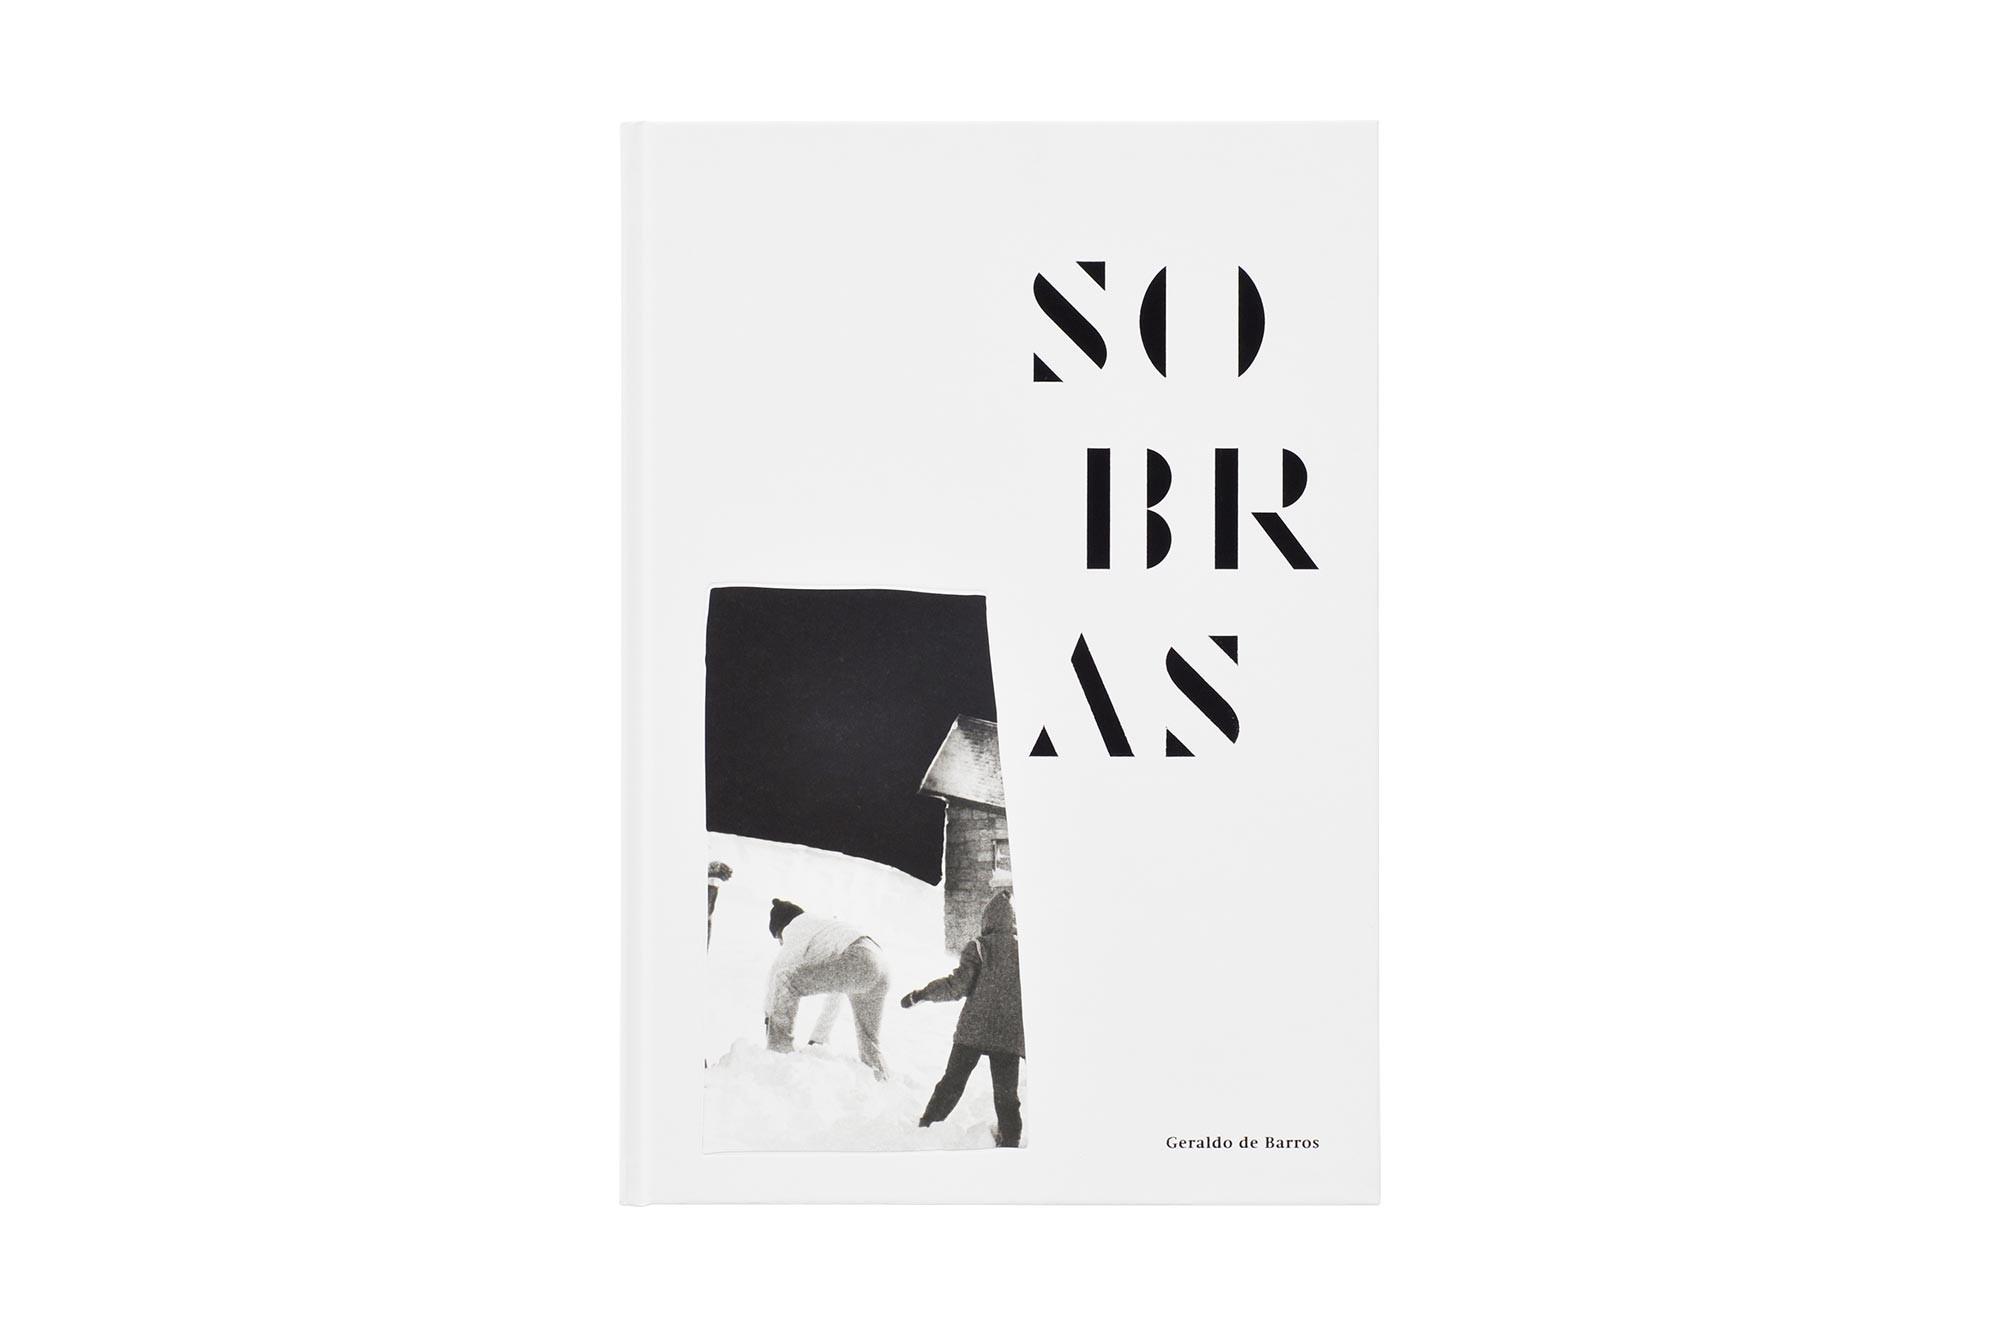 Sobras - Trade edition